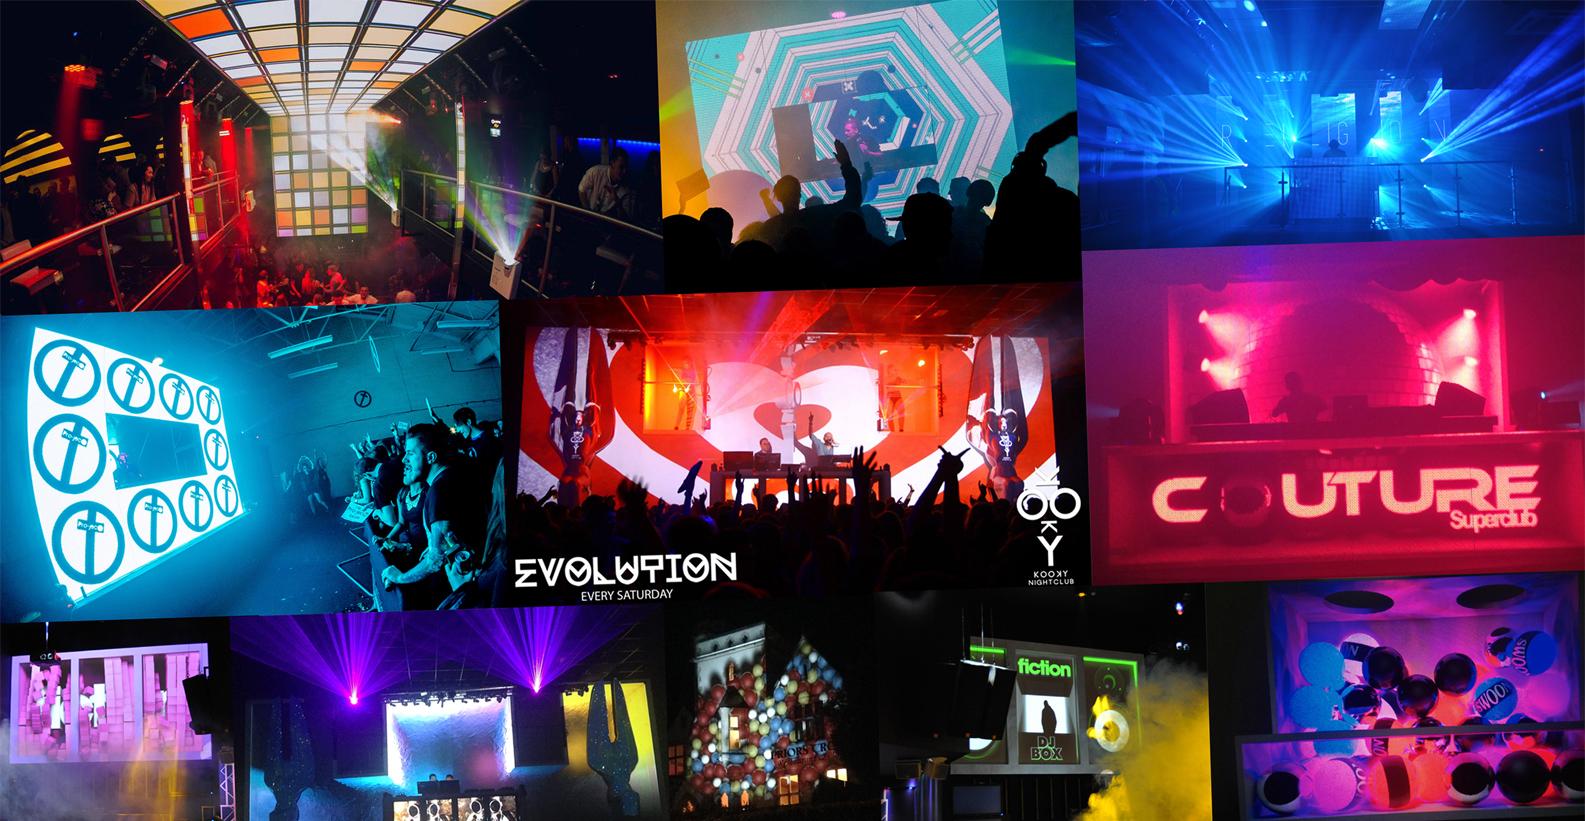 Nightclub Visuals